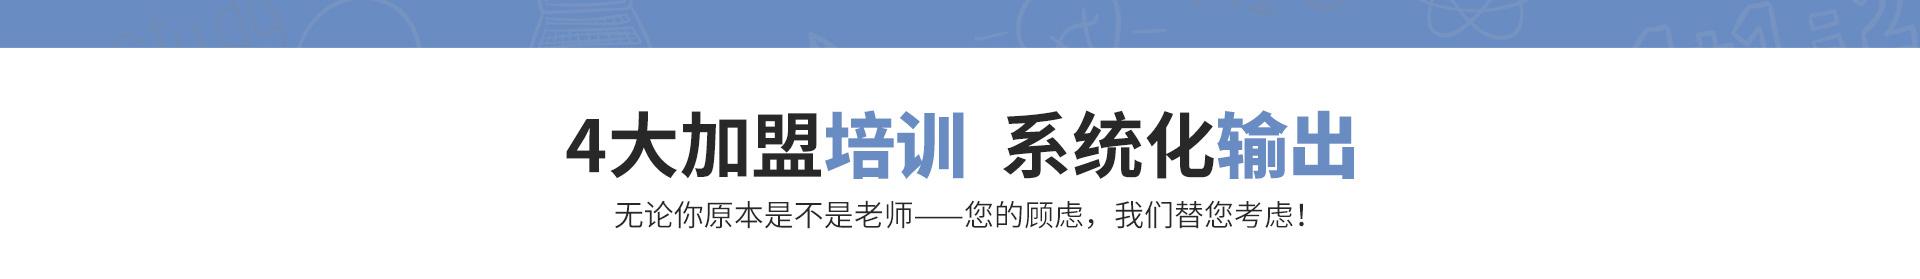 快乐书童阅读馆PC-快乐书童-许小琥_16